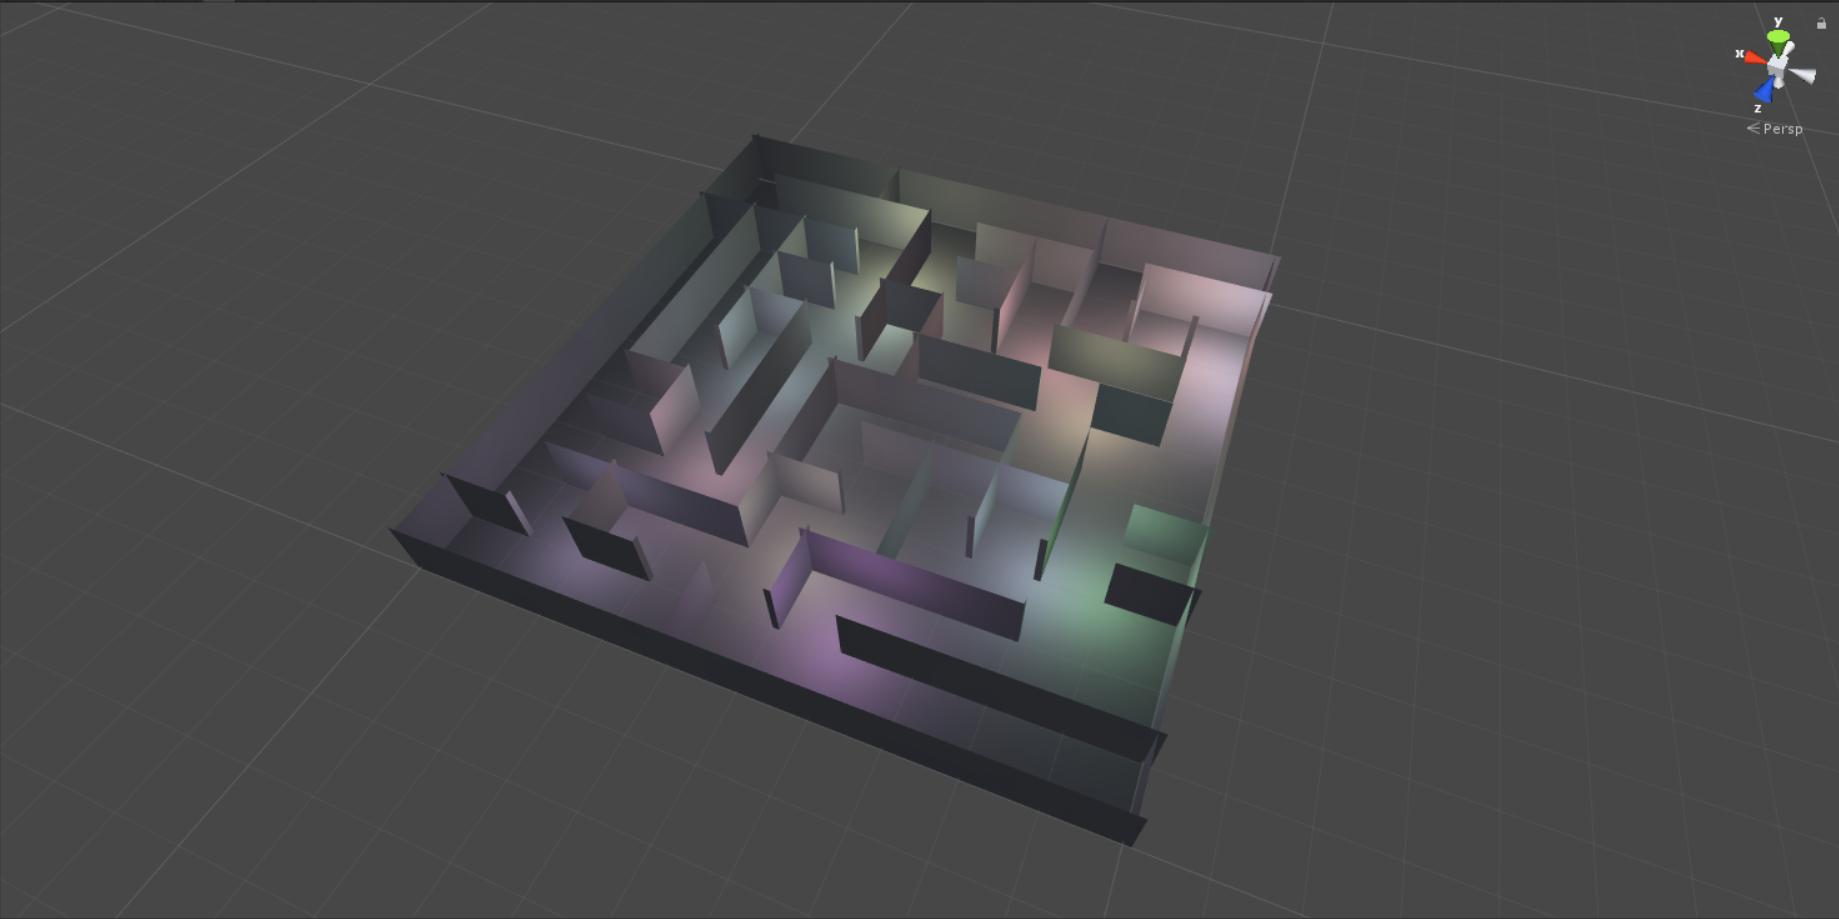 Генерация лабиринта алгоритмом Эллера в Unity - 1